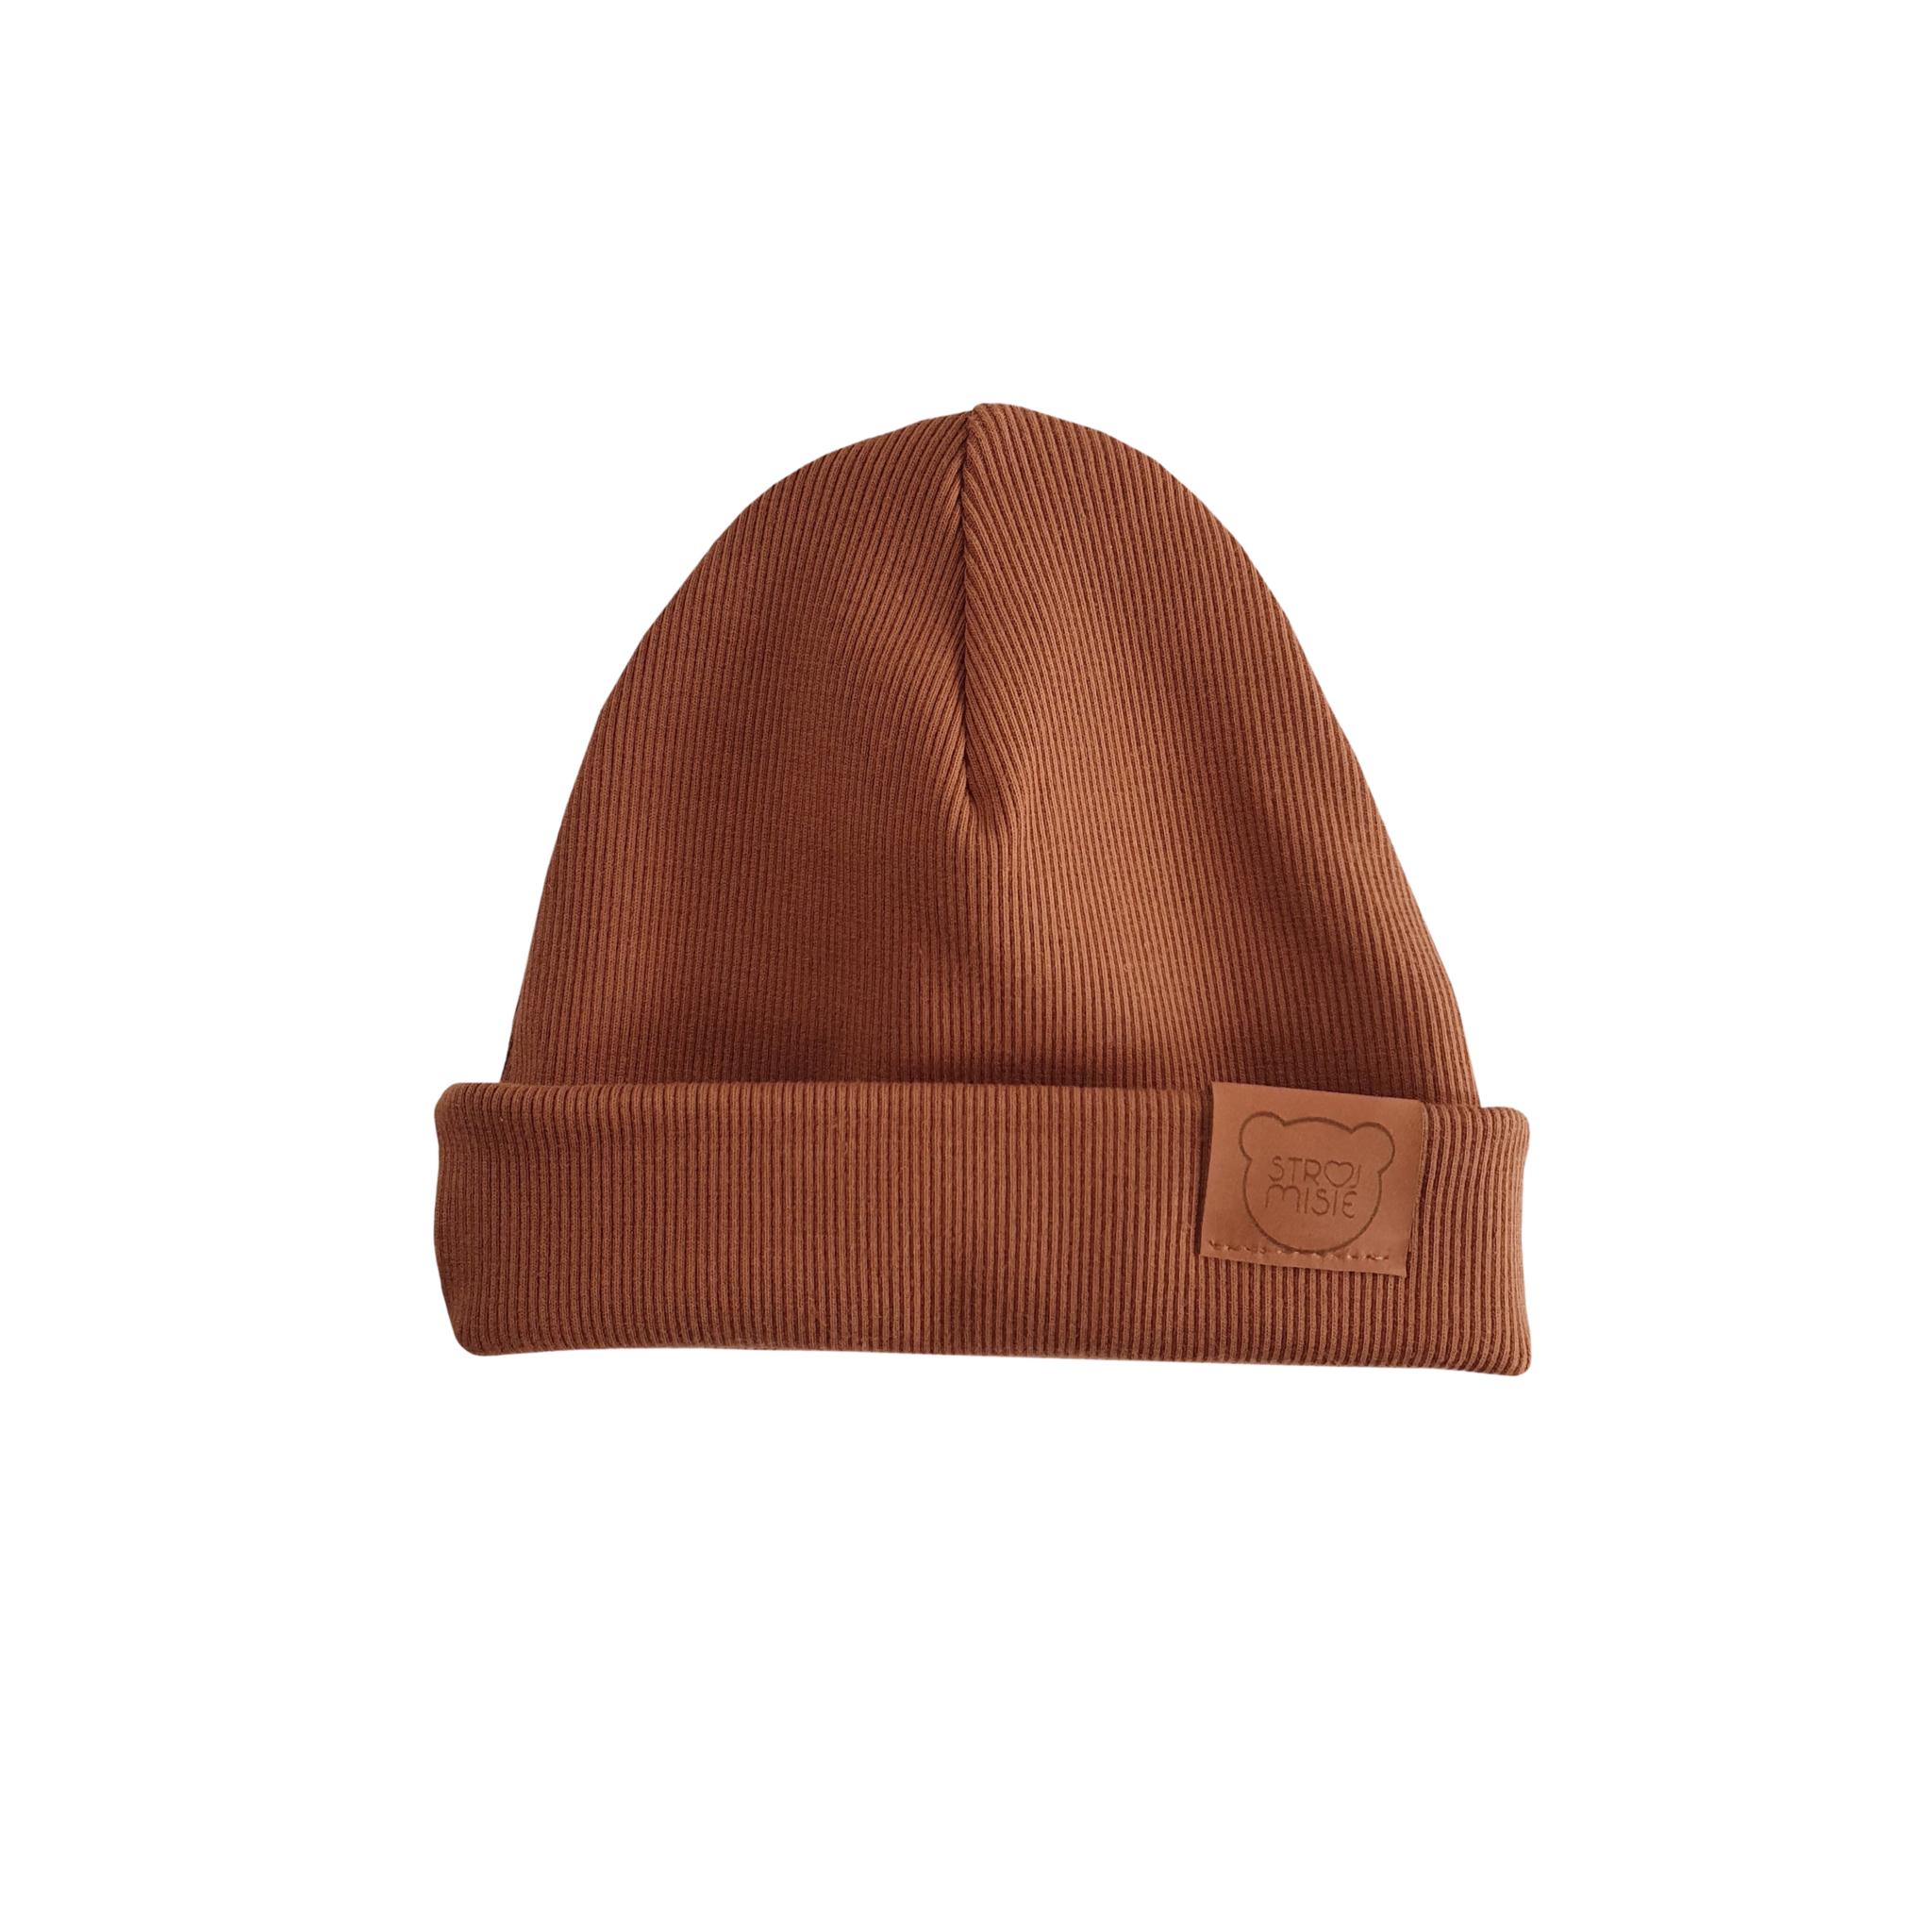 Strojmisie BROWN HAT | CHILDREN HAT CARAMEL | BABY HAT BROWN